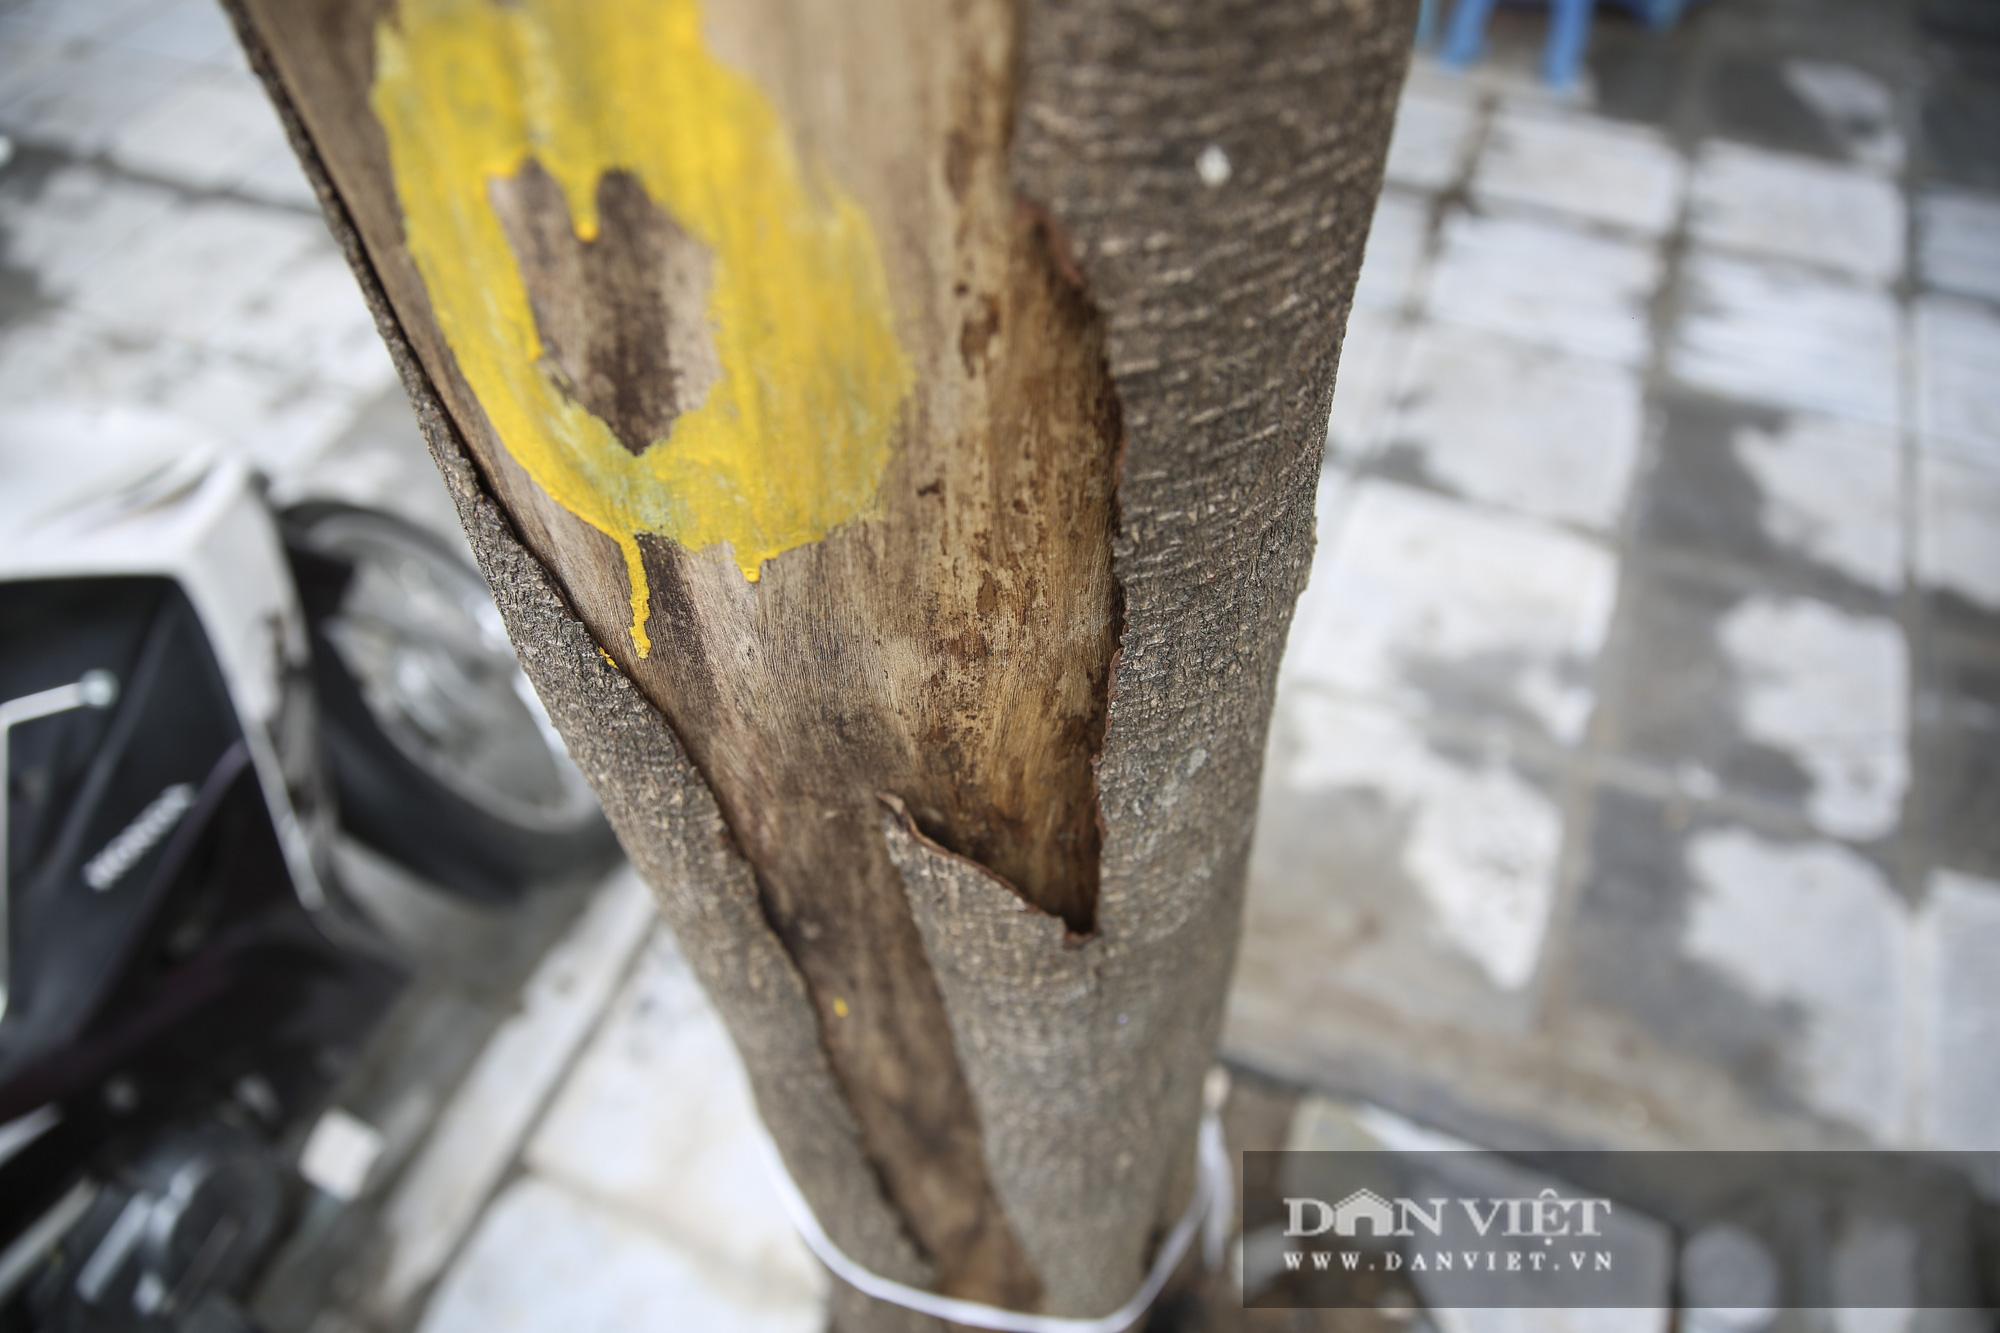 Hà Nội: Nhiều cây xanh trồng mới có dấu hiệu chết khô  - Ảnh 5.